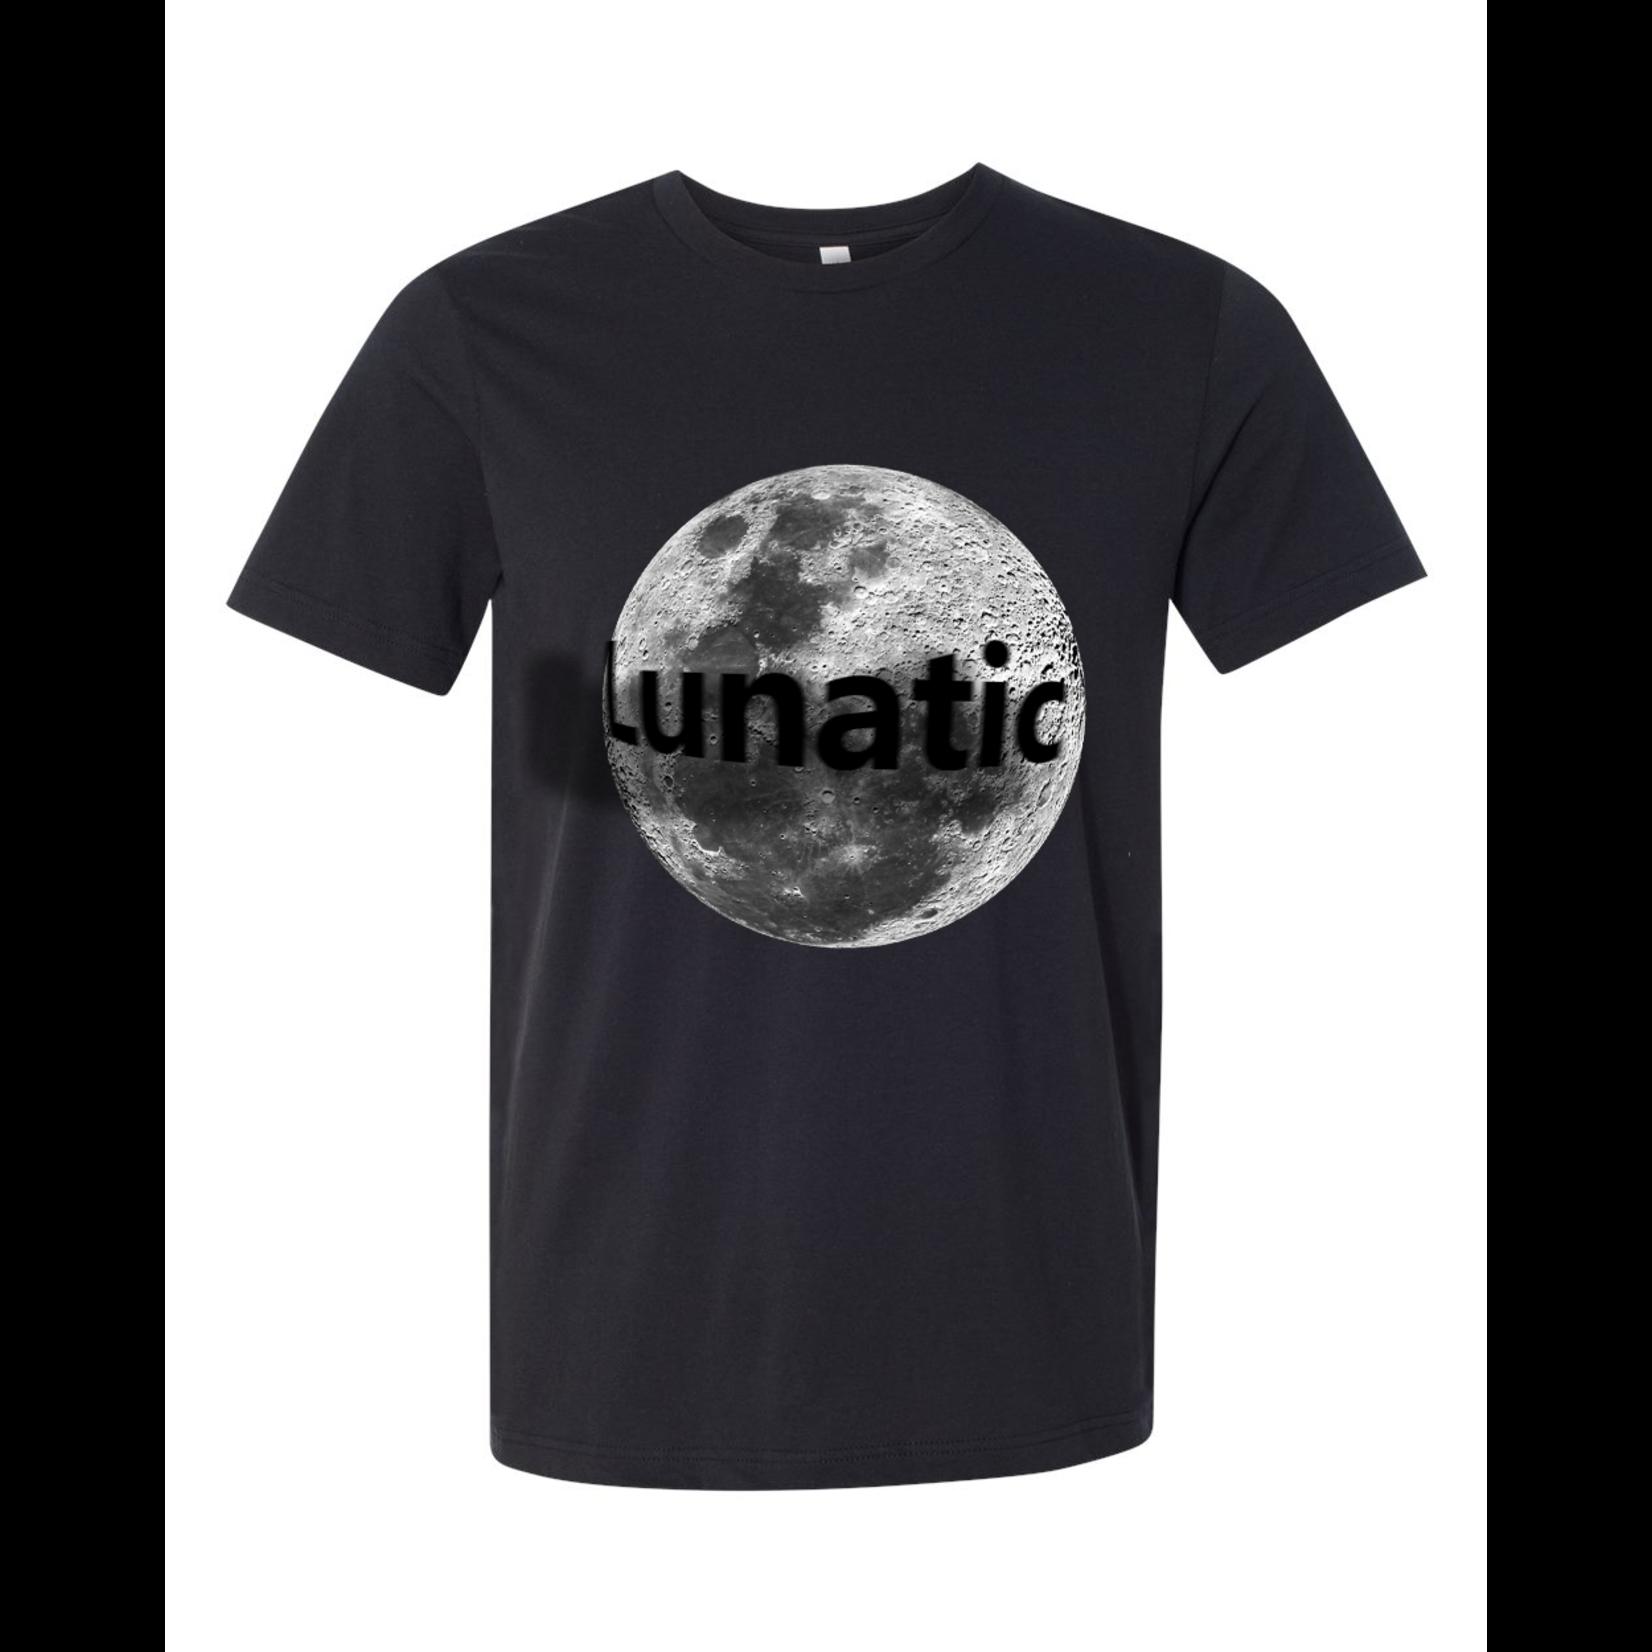 The Brooklyn Press Lunatic T-shirt